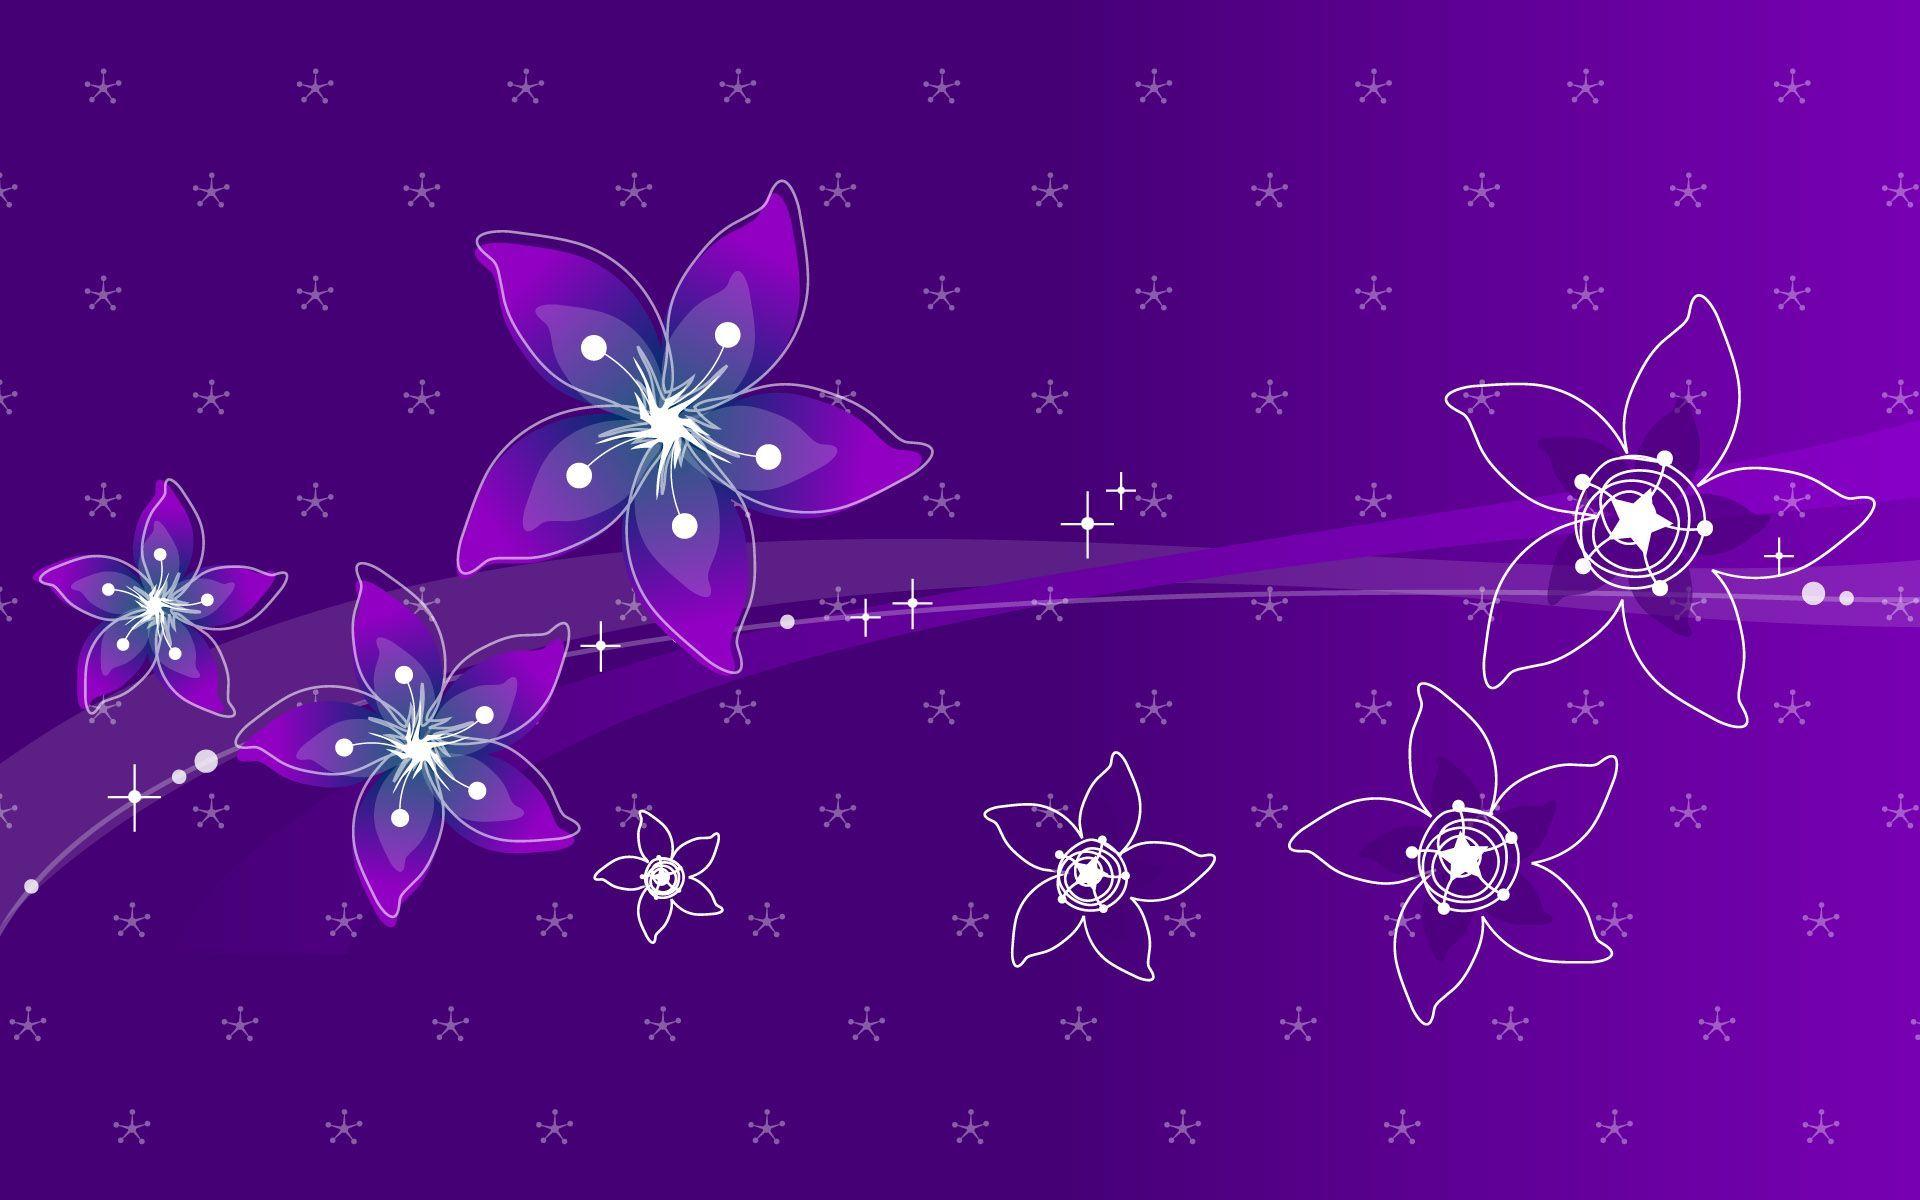 Purple flowers wallpaper   290305 1920x1200